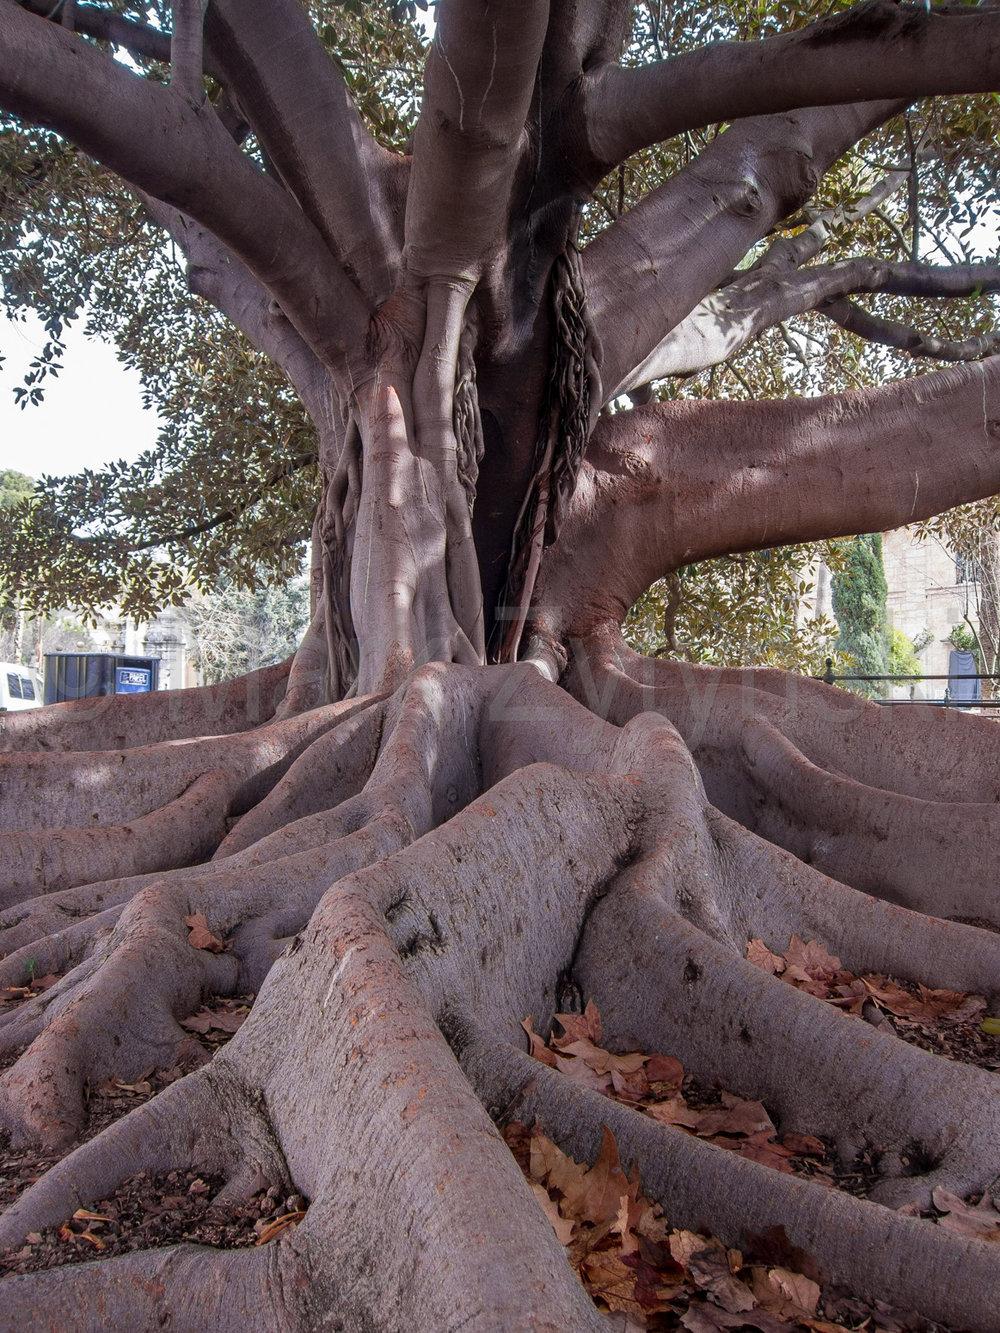 Zytynski-seville-banyan-tree-1406.jpg